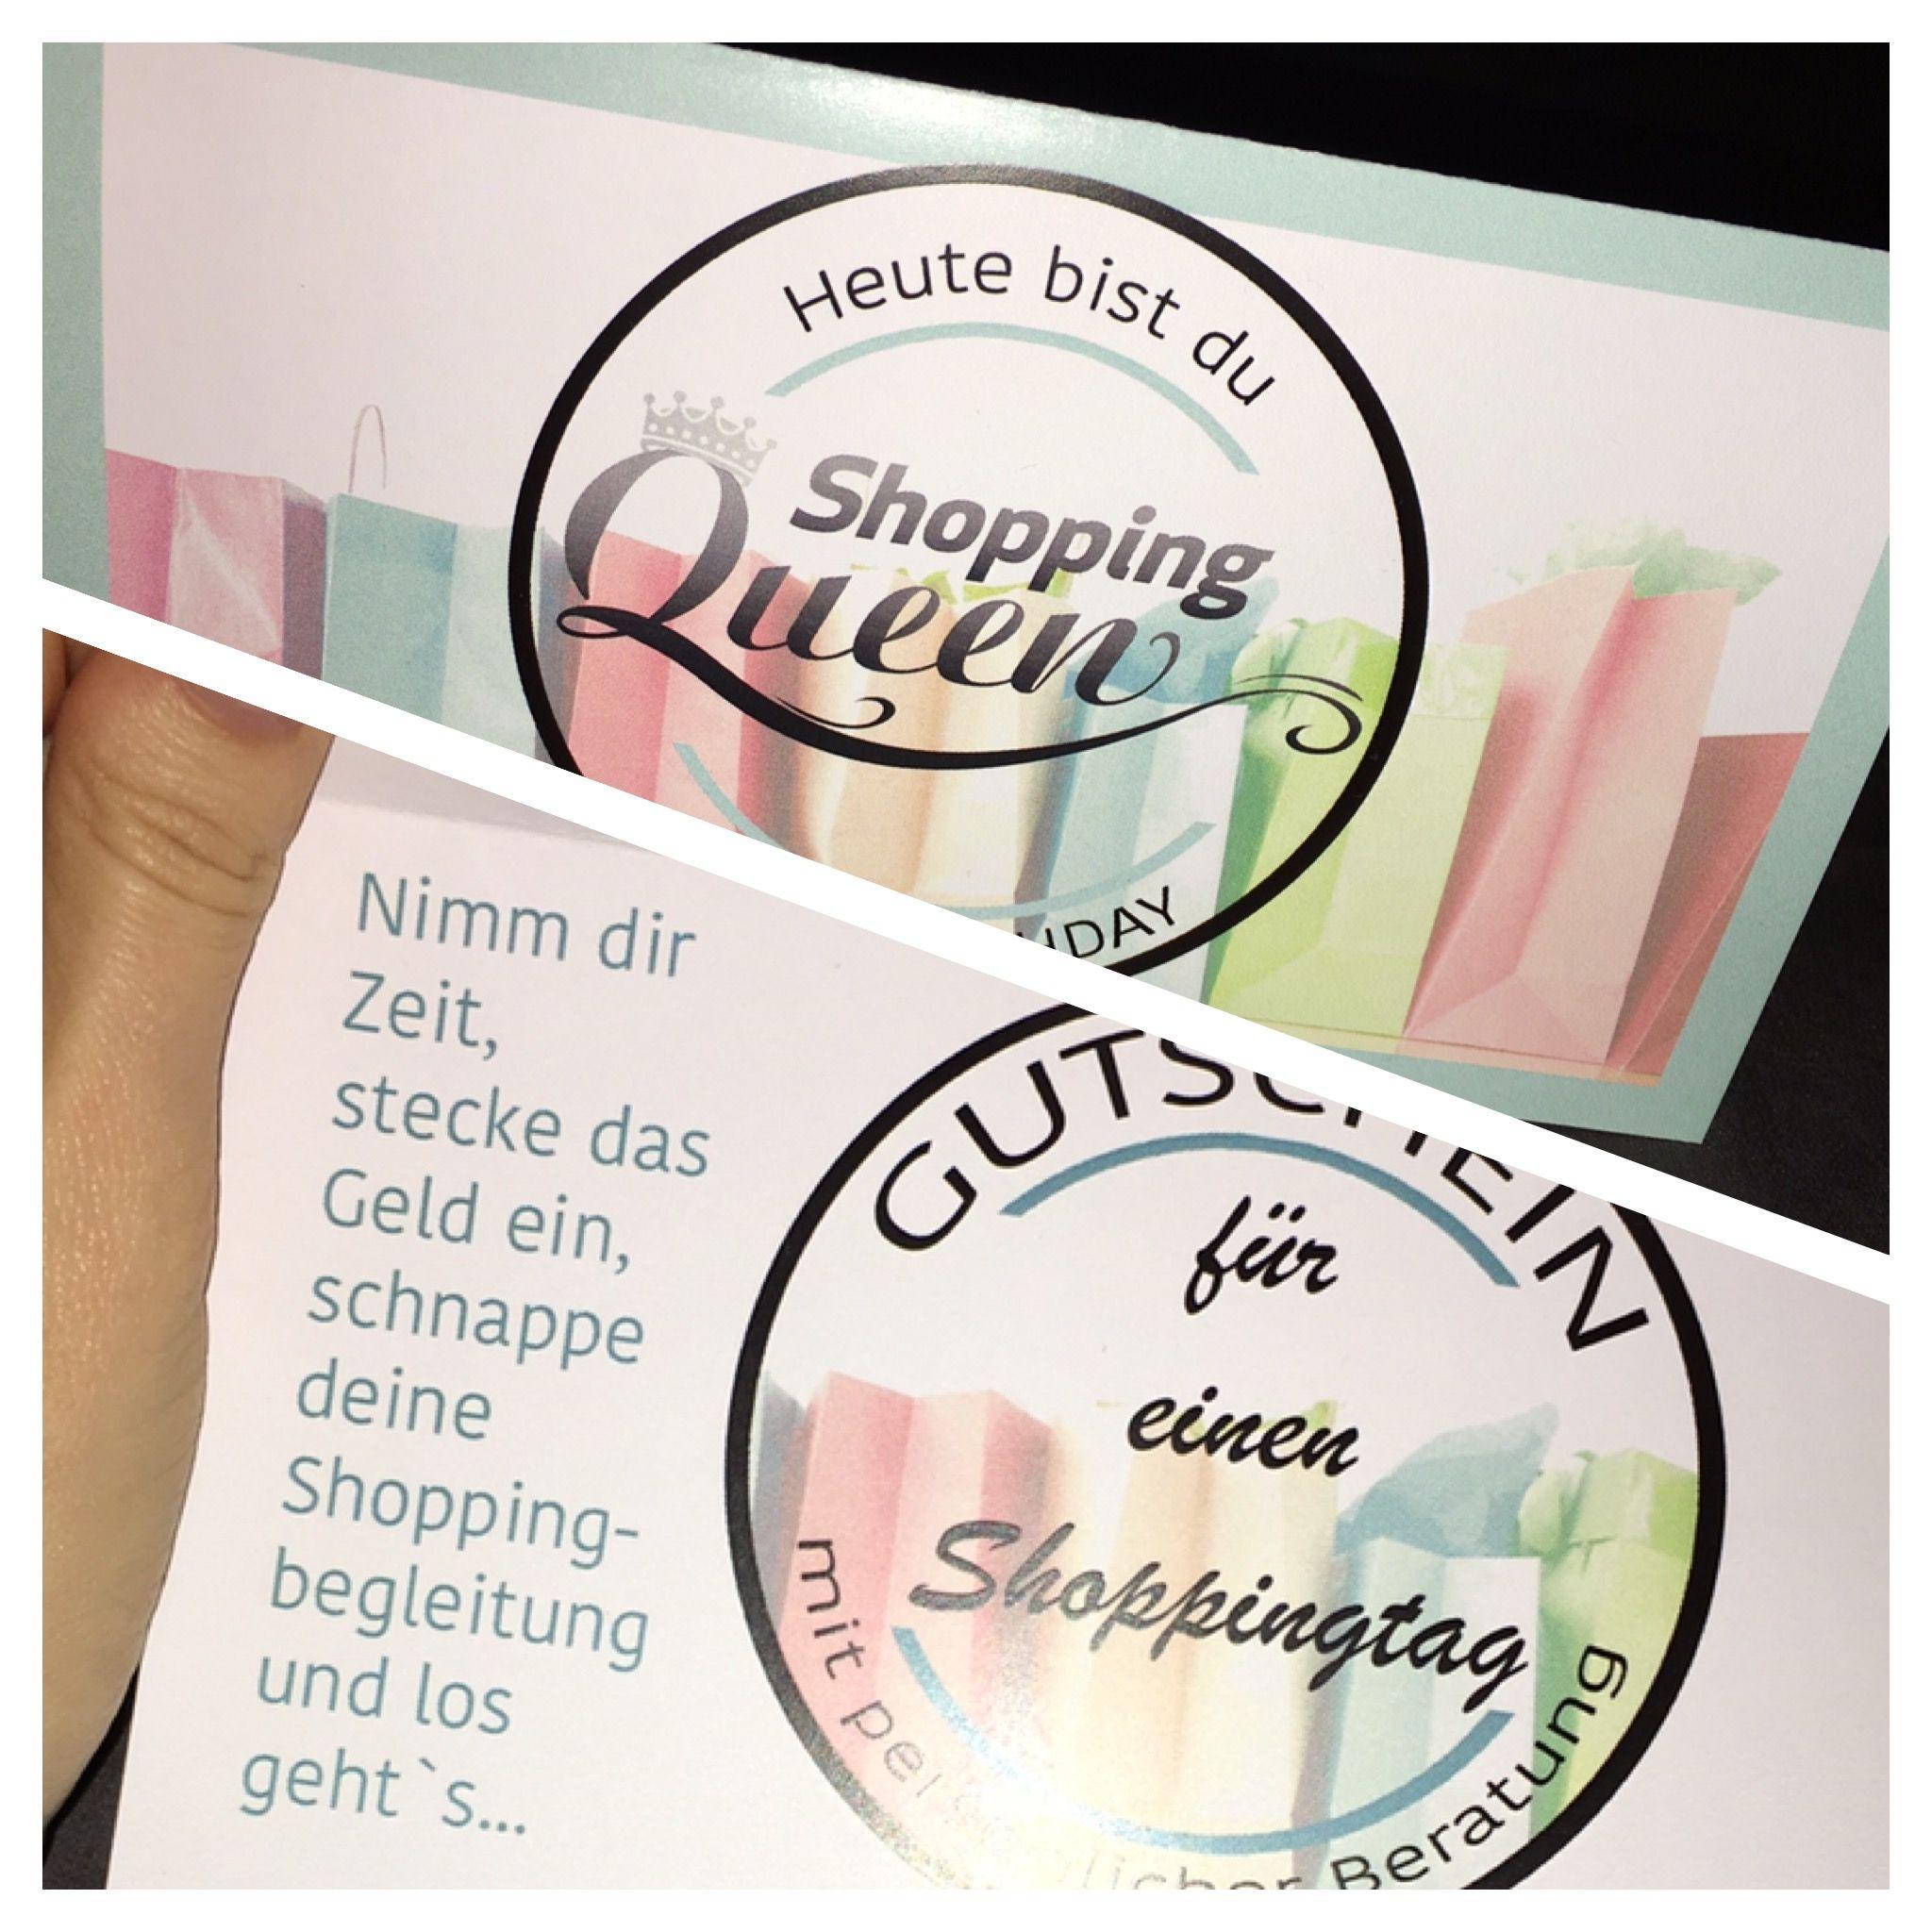 Shopping Queen Gutscheinkarte Zum Geburtstag In 2020 Gutschein